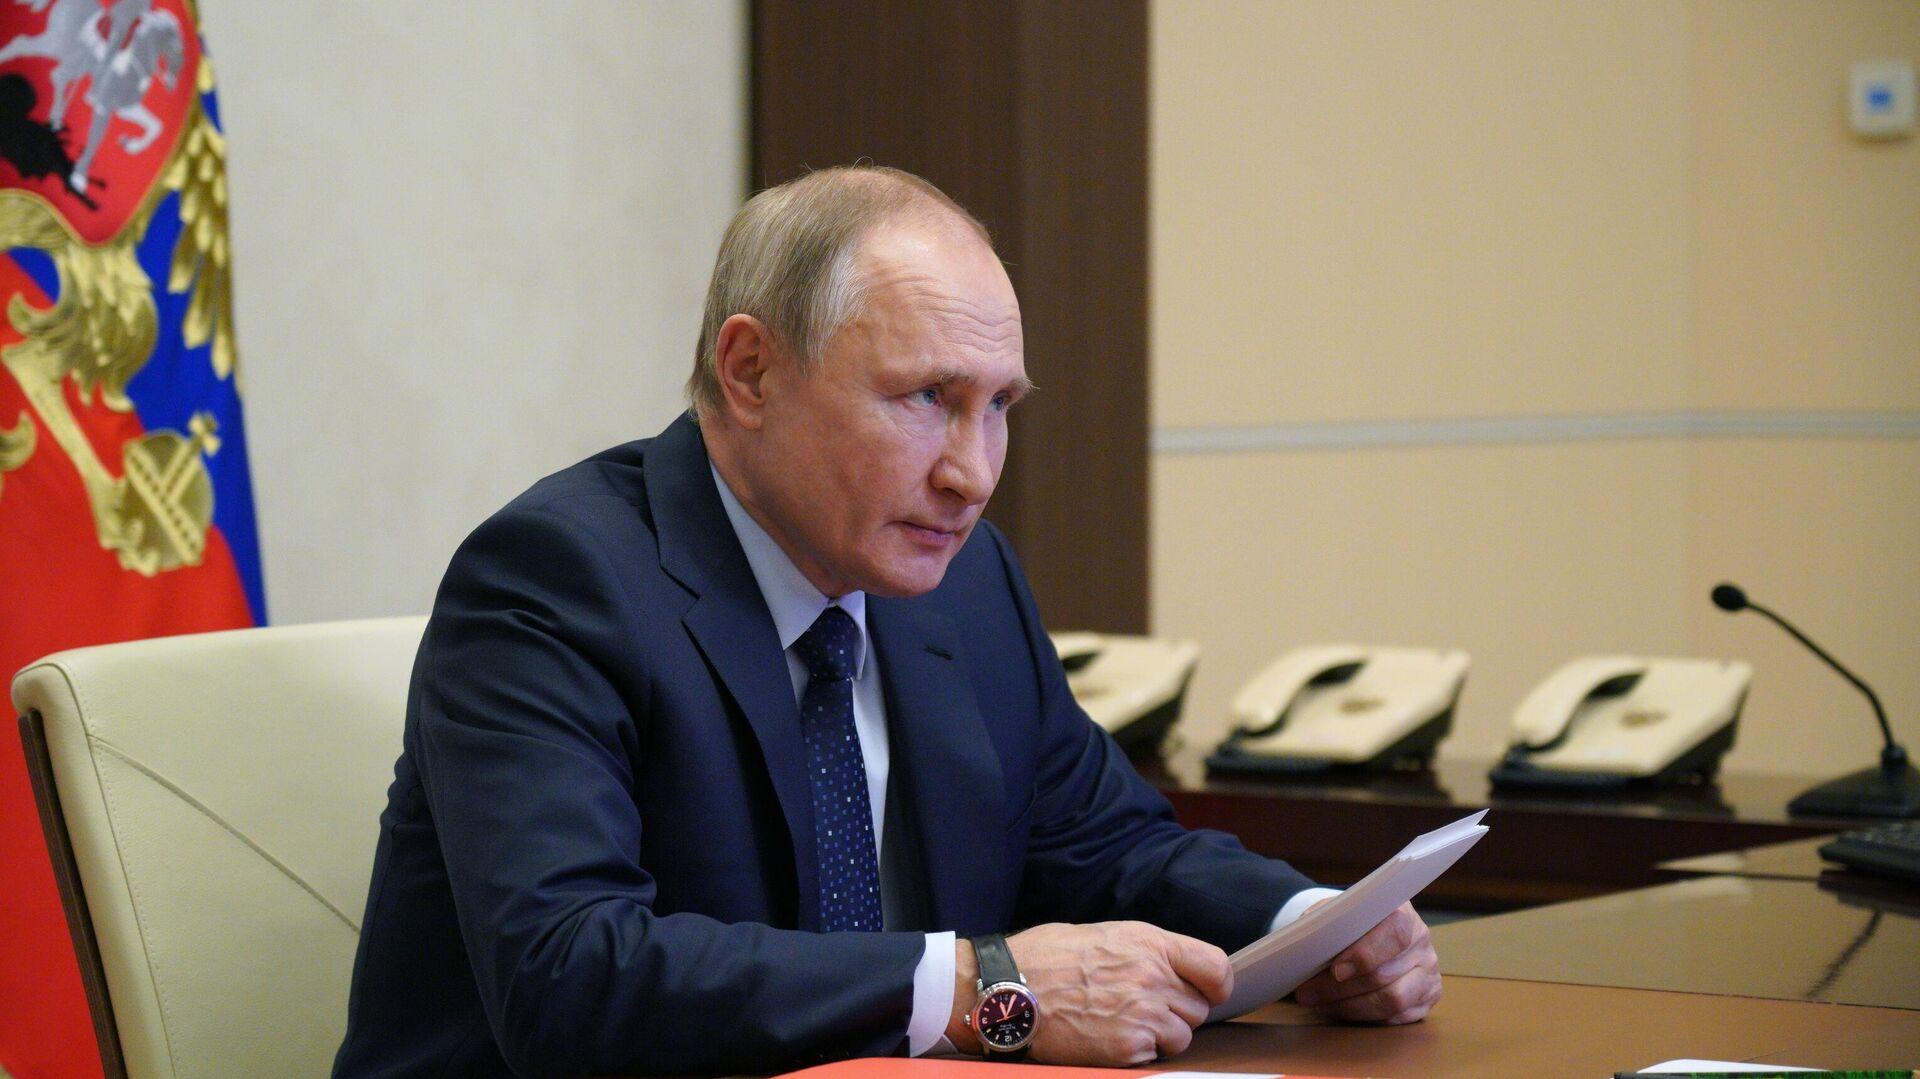 Президент РФ Владимир Путин проводит оперативное совещание с постоянными членами Совета безопасности РФ - РИА Новости, 1920, 05.04.2021